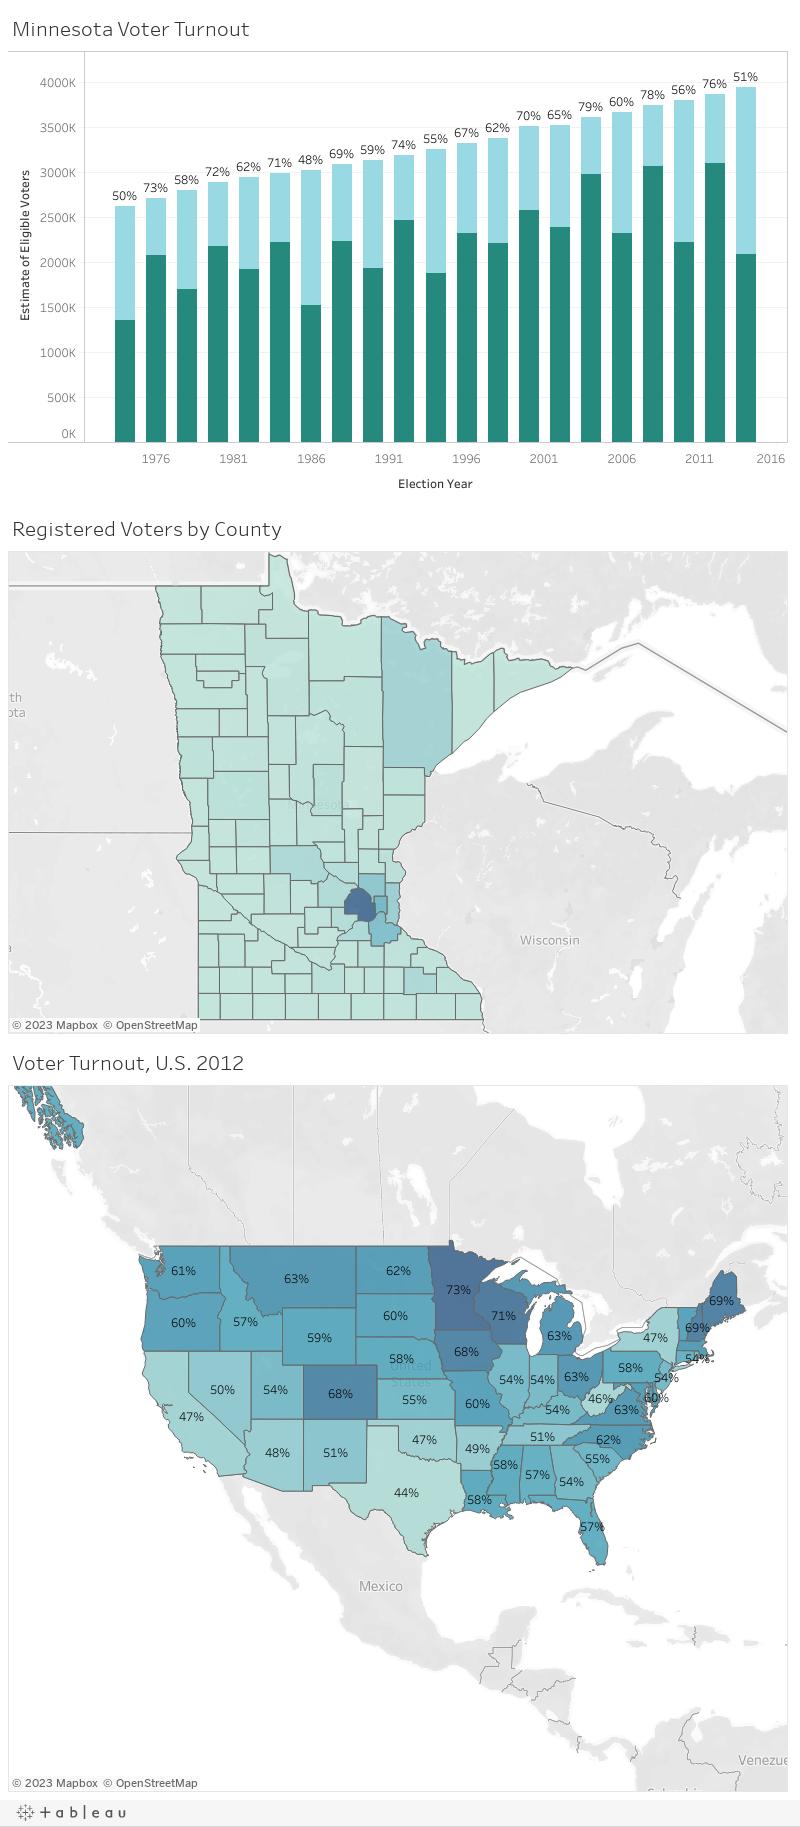 Voting in Minnesota Verticals